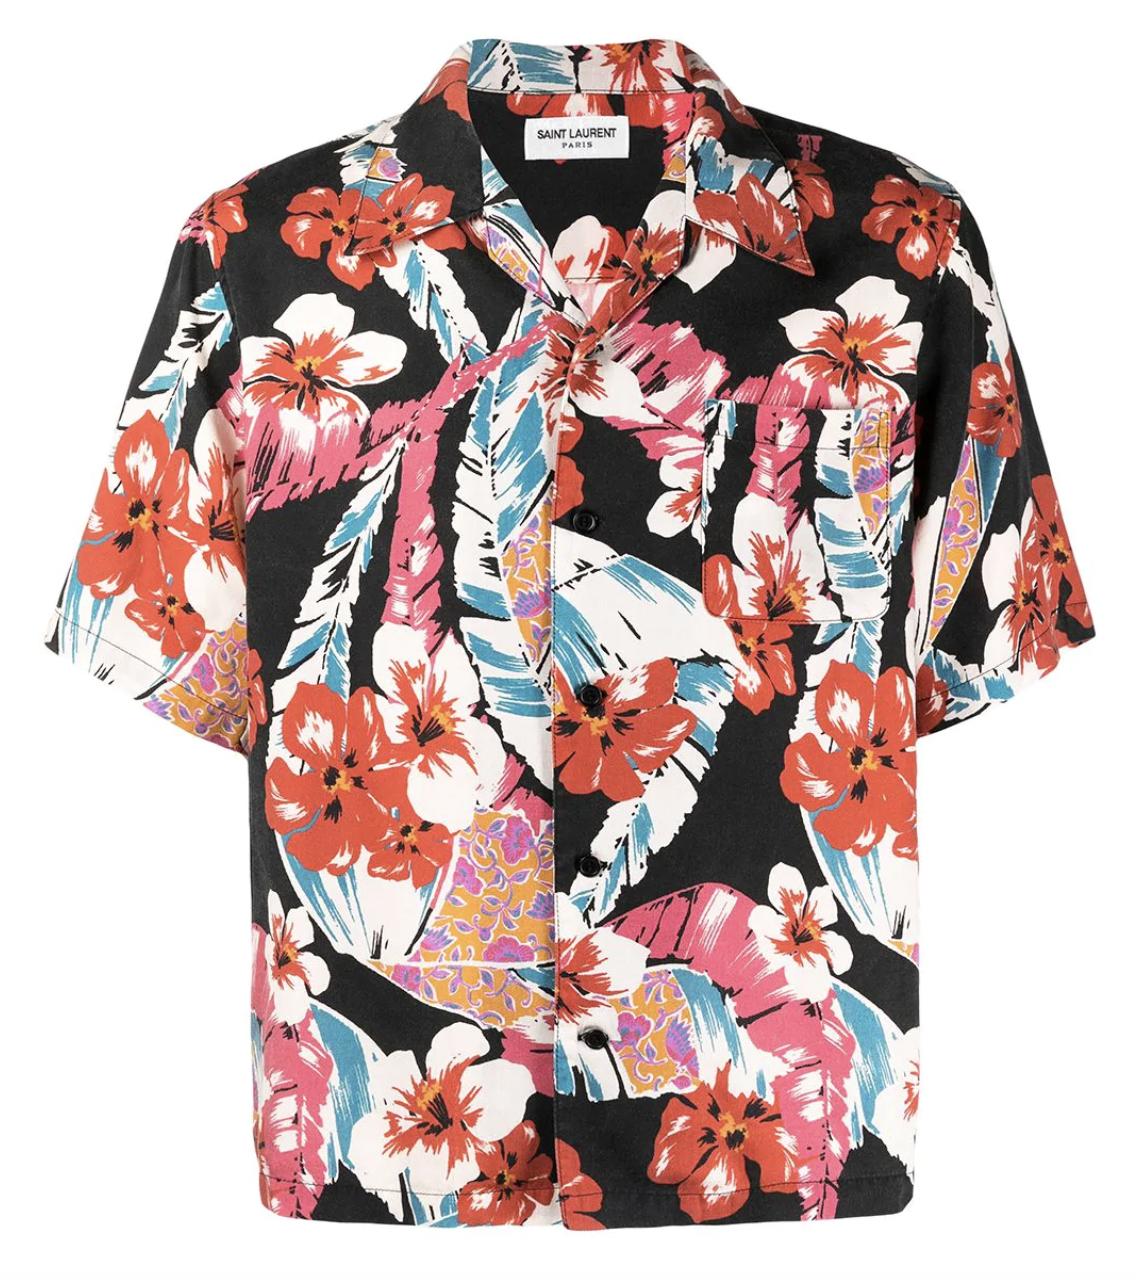 saint laurent floral shirt mens